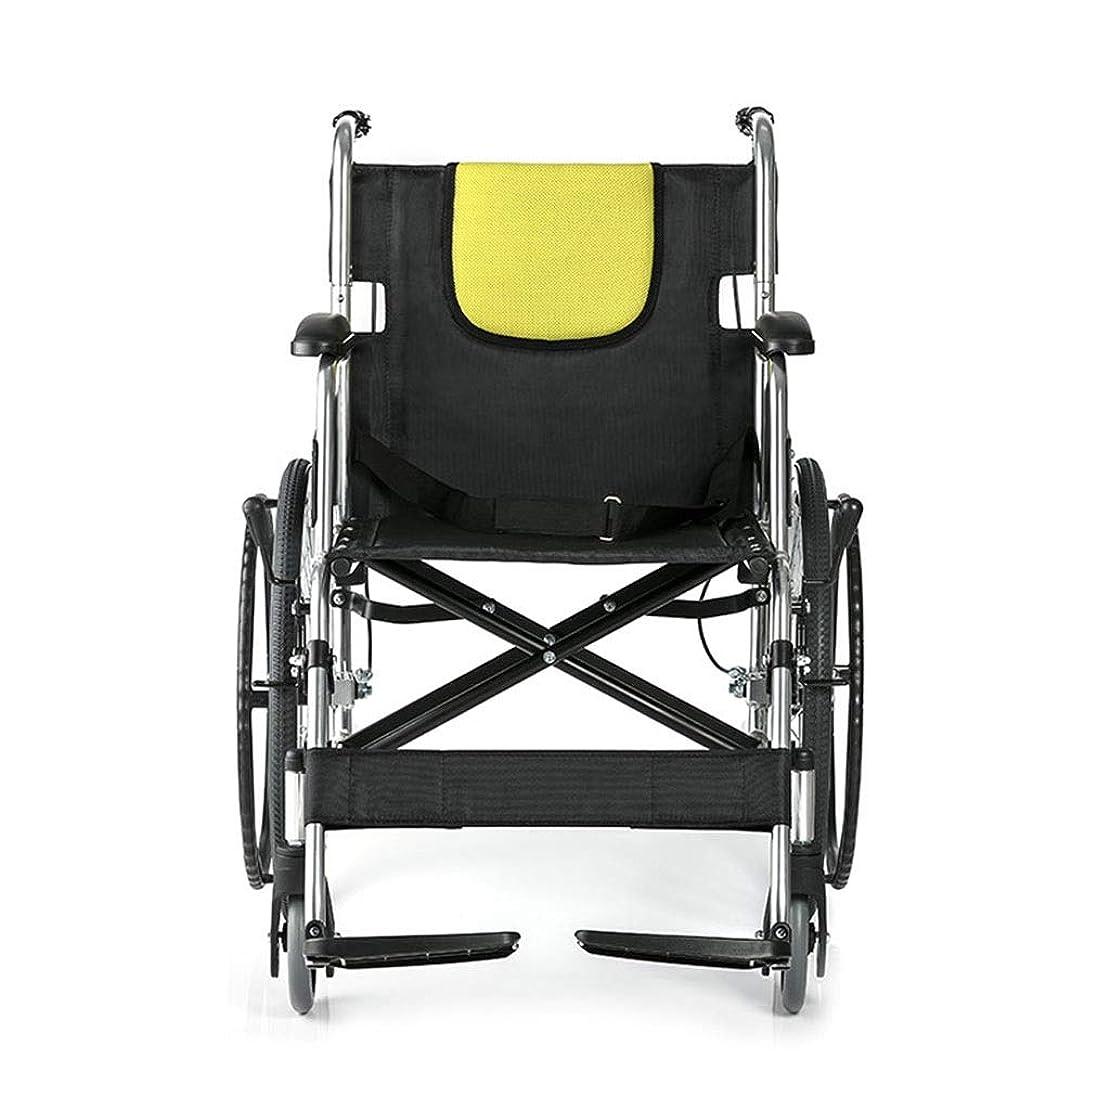 なんでも承認人間車椅子の老人は折り畳むことができ、障害者、高齢者、リハビリテーション患者向けの車椅子用に4つのブレーキが設計されています